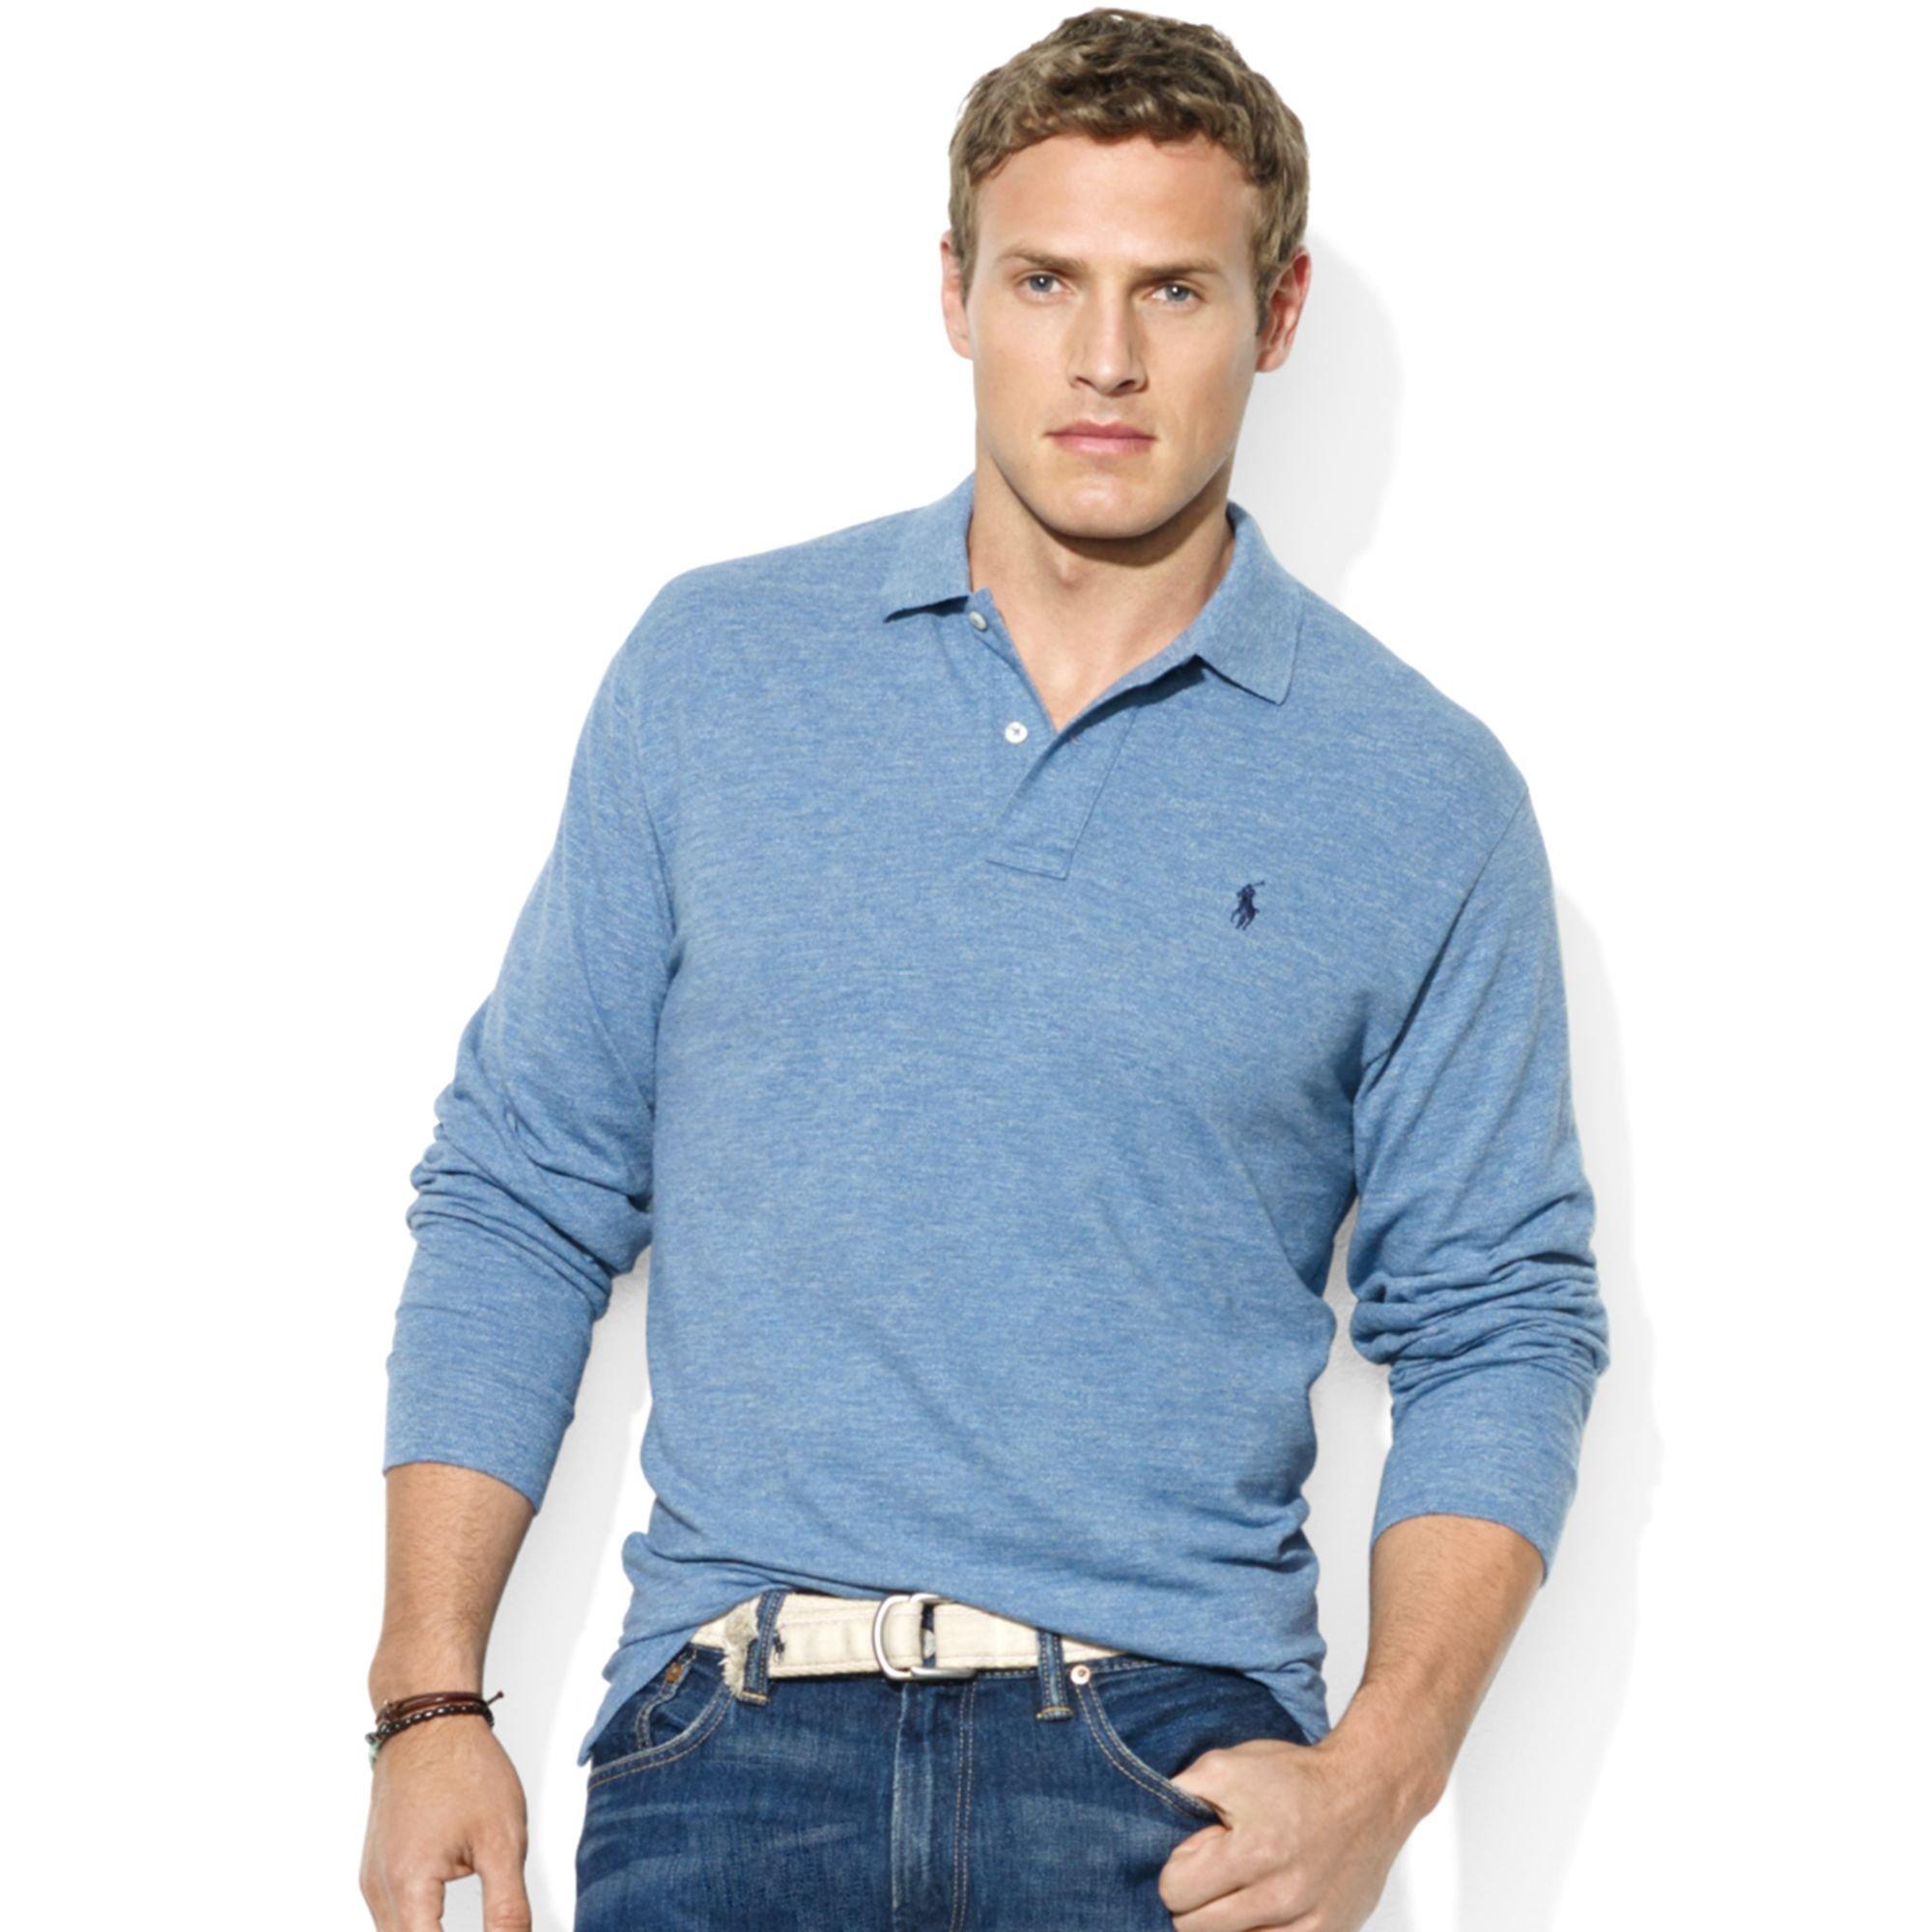 73894438325c Ralph Lauren New York Darkblue Short Sleeved Polo Men - Jaimonvoyage.com